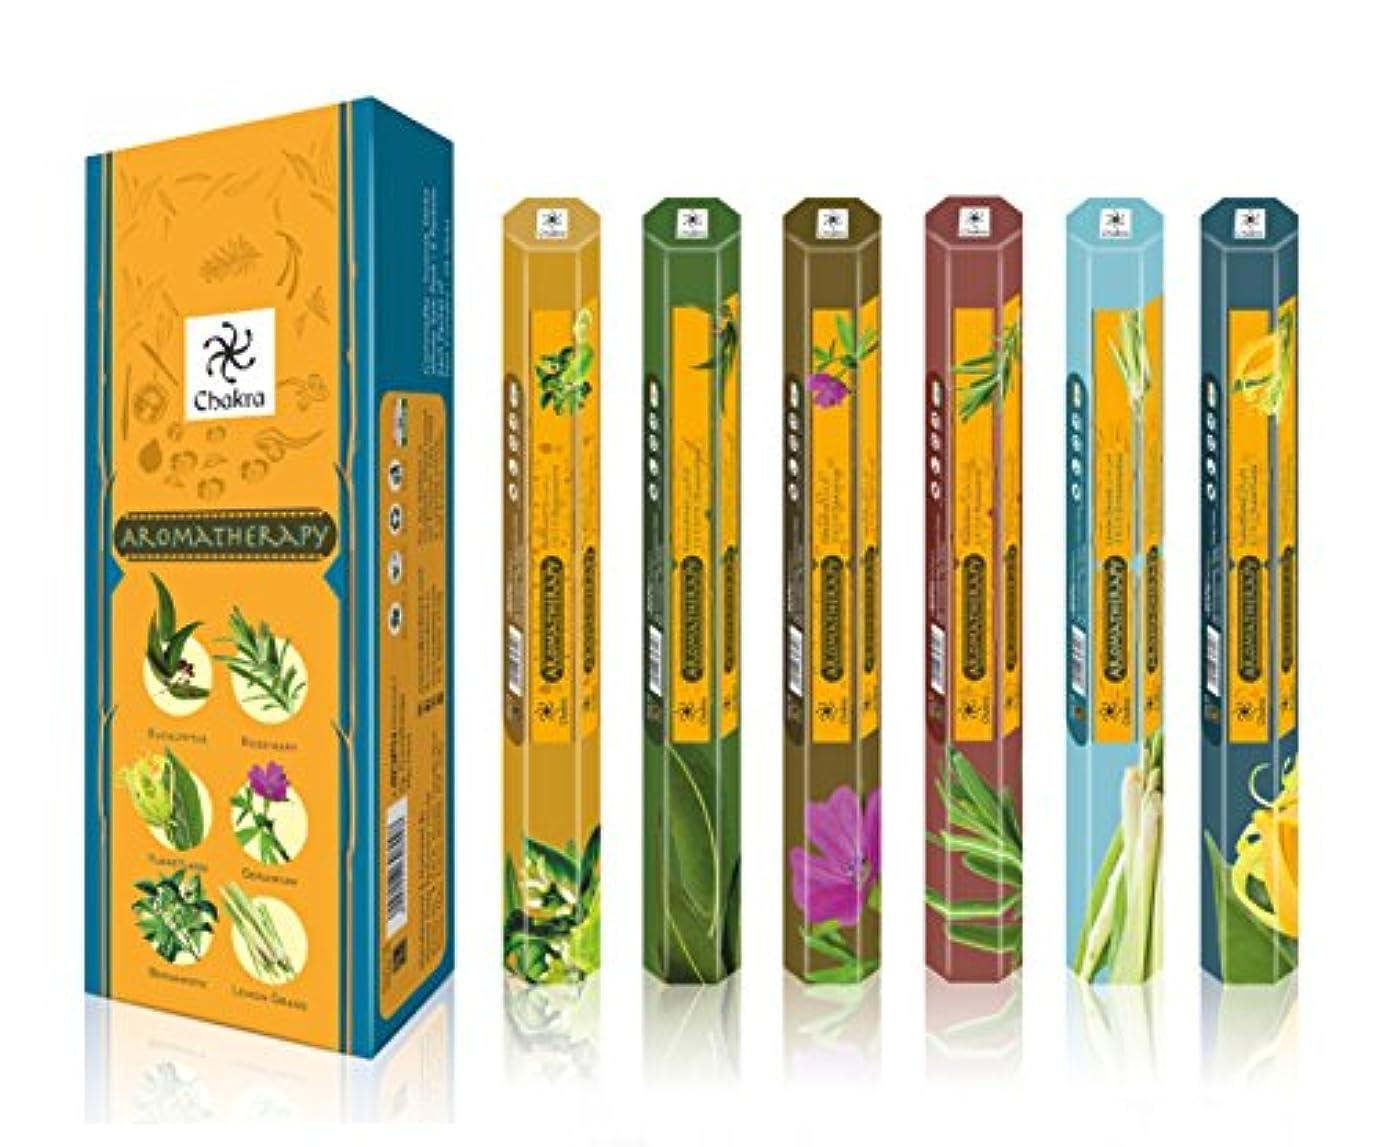 許されるタブレット姉妹アロマセラピーナチュラルフレグランス香りつきSticks – 促進健康とWell being- 20 Incense Sticks Perボックス – Long Lasting 120 Fragrance Sticks ...